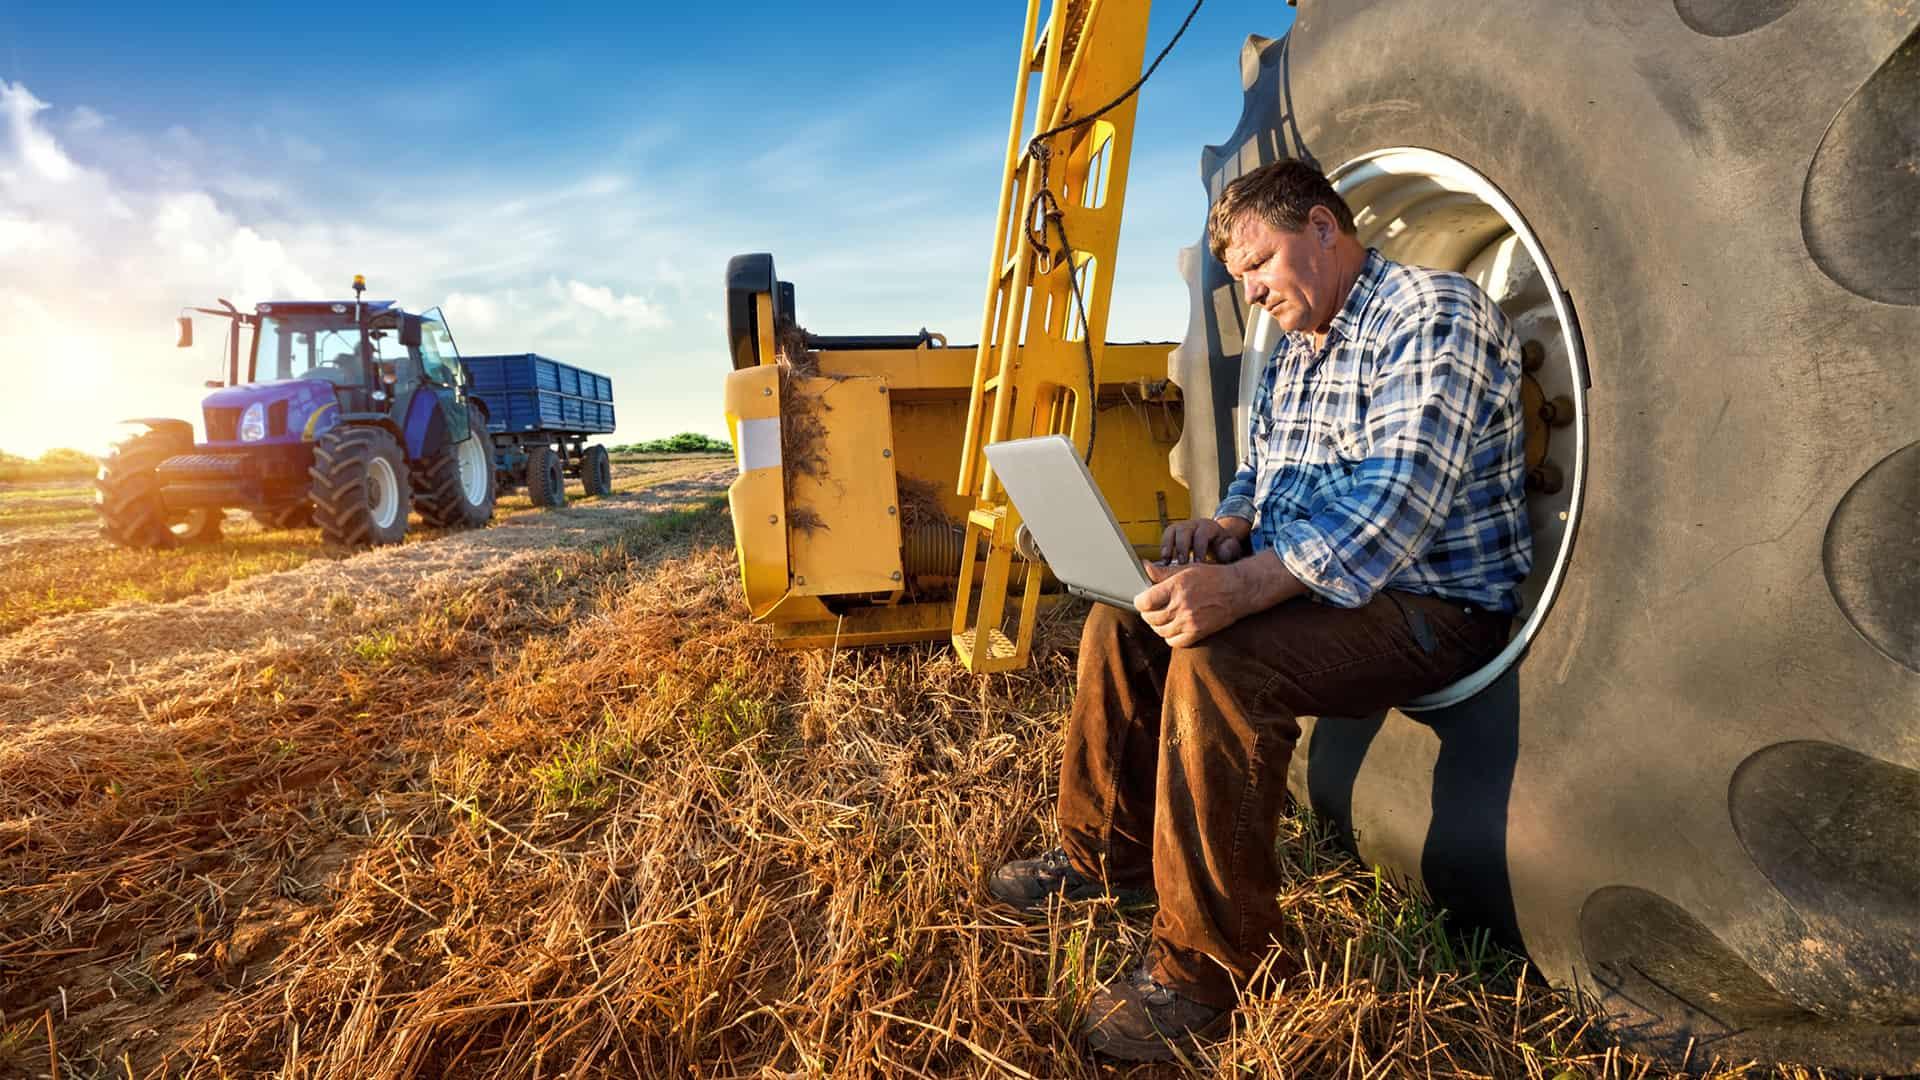 ¿Cómo elegir el mejor WiFi portátil? Consejos y tarifas